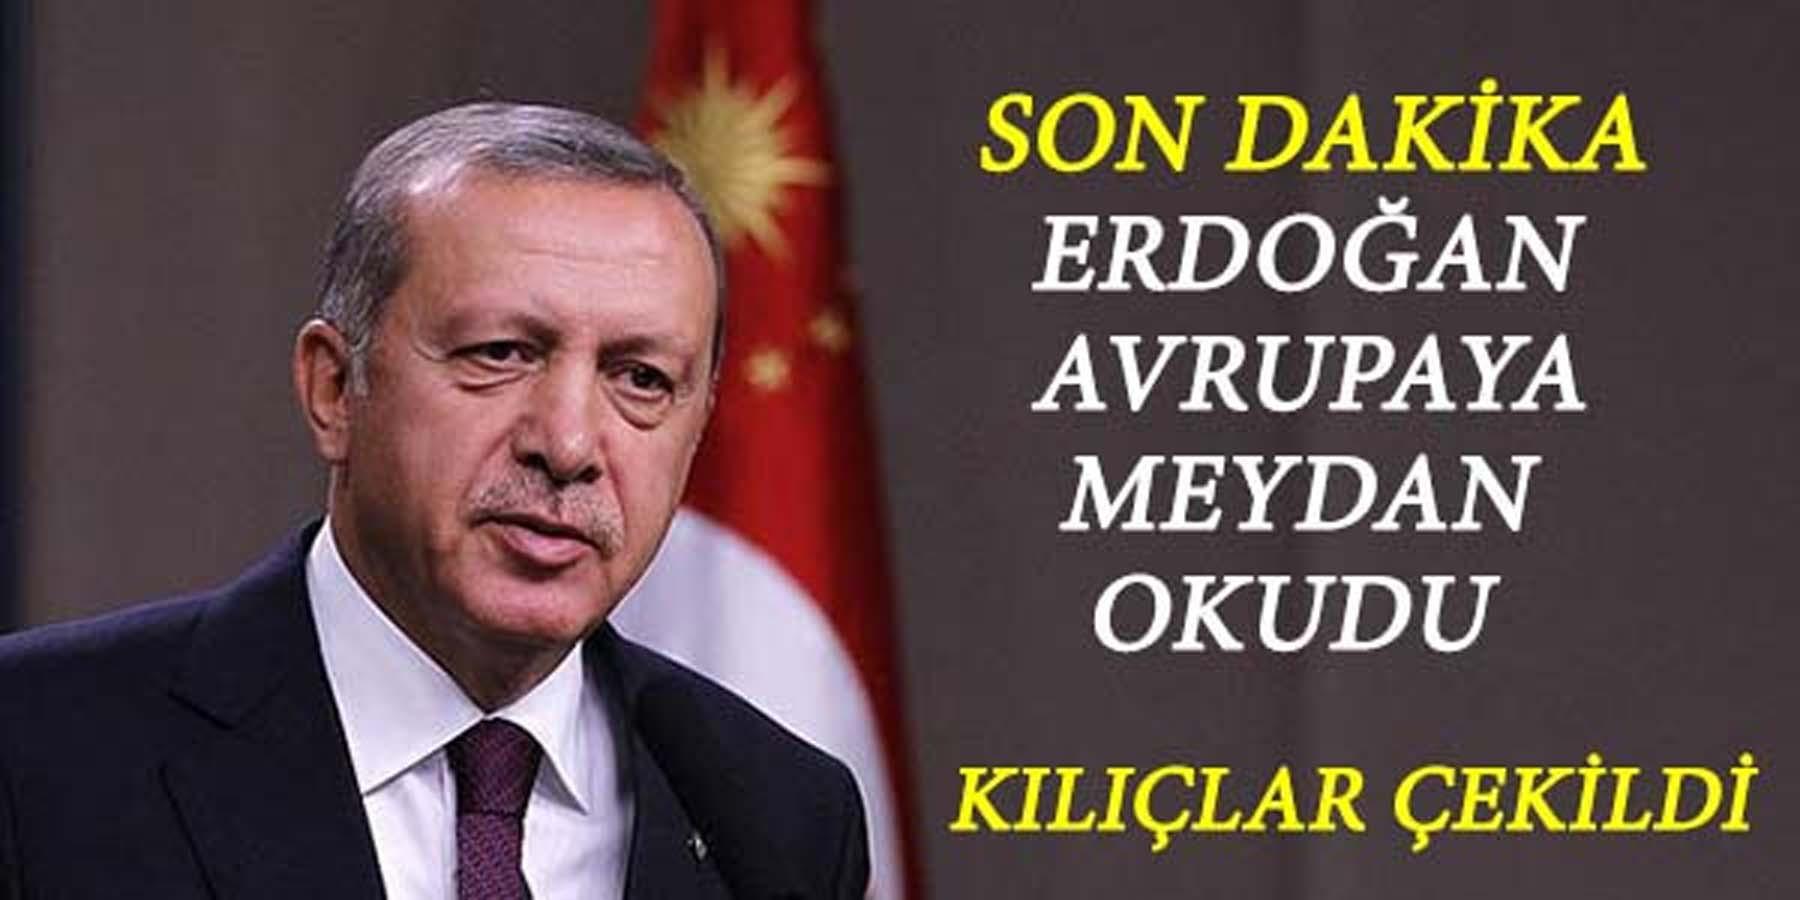 Cumhurbaşkanı Erdoğan Avrupa'ya Meydan Okuyarak Vatandaşlarımın Hakkını Yedirmem